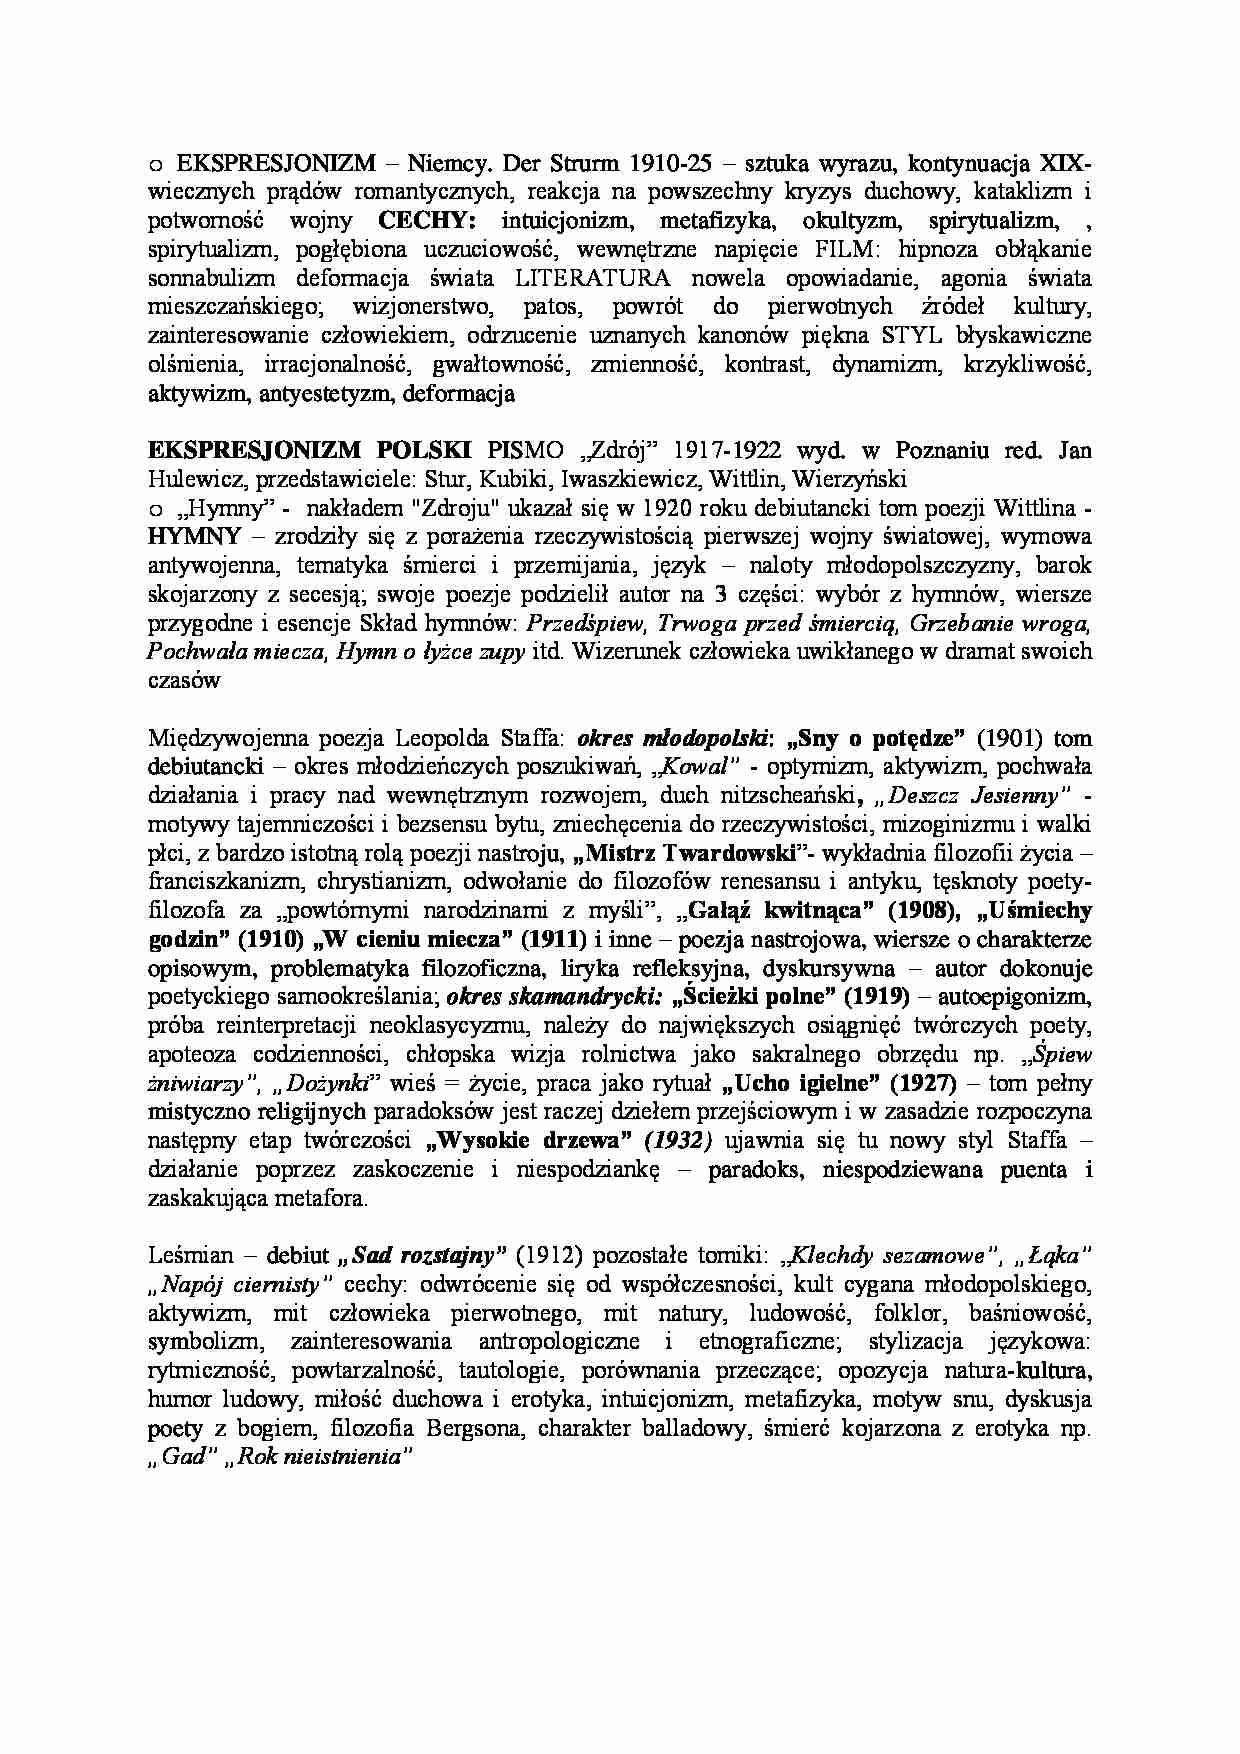 Ekspresjonizm Ekspresjonizm Polski Poezja Staffa I